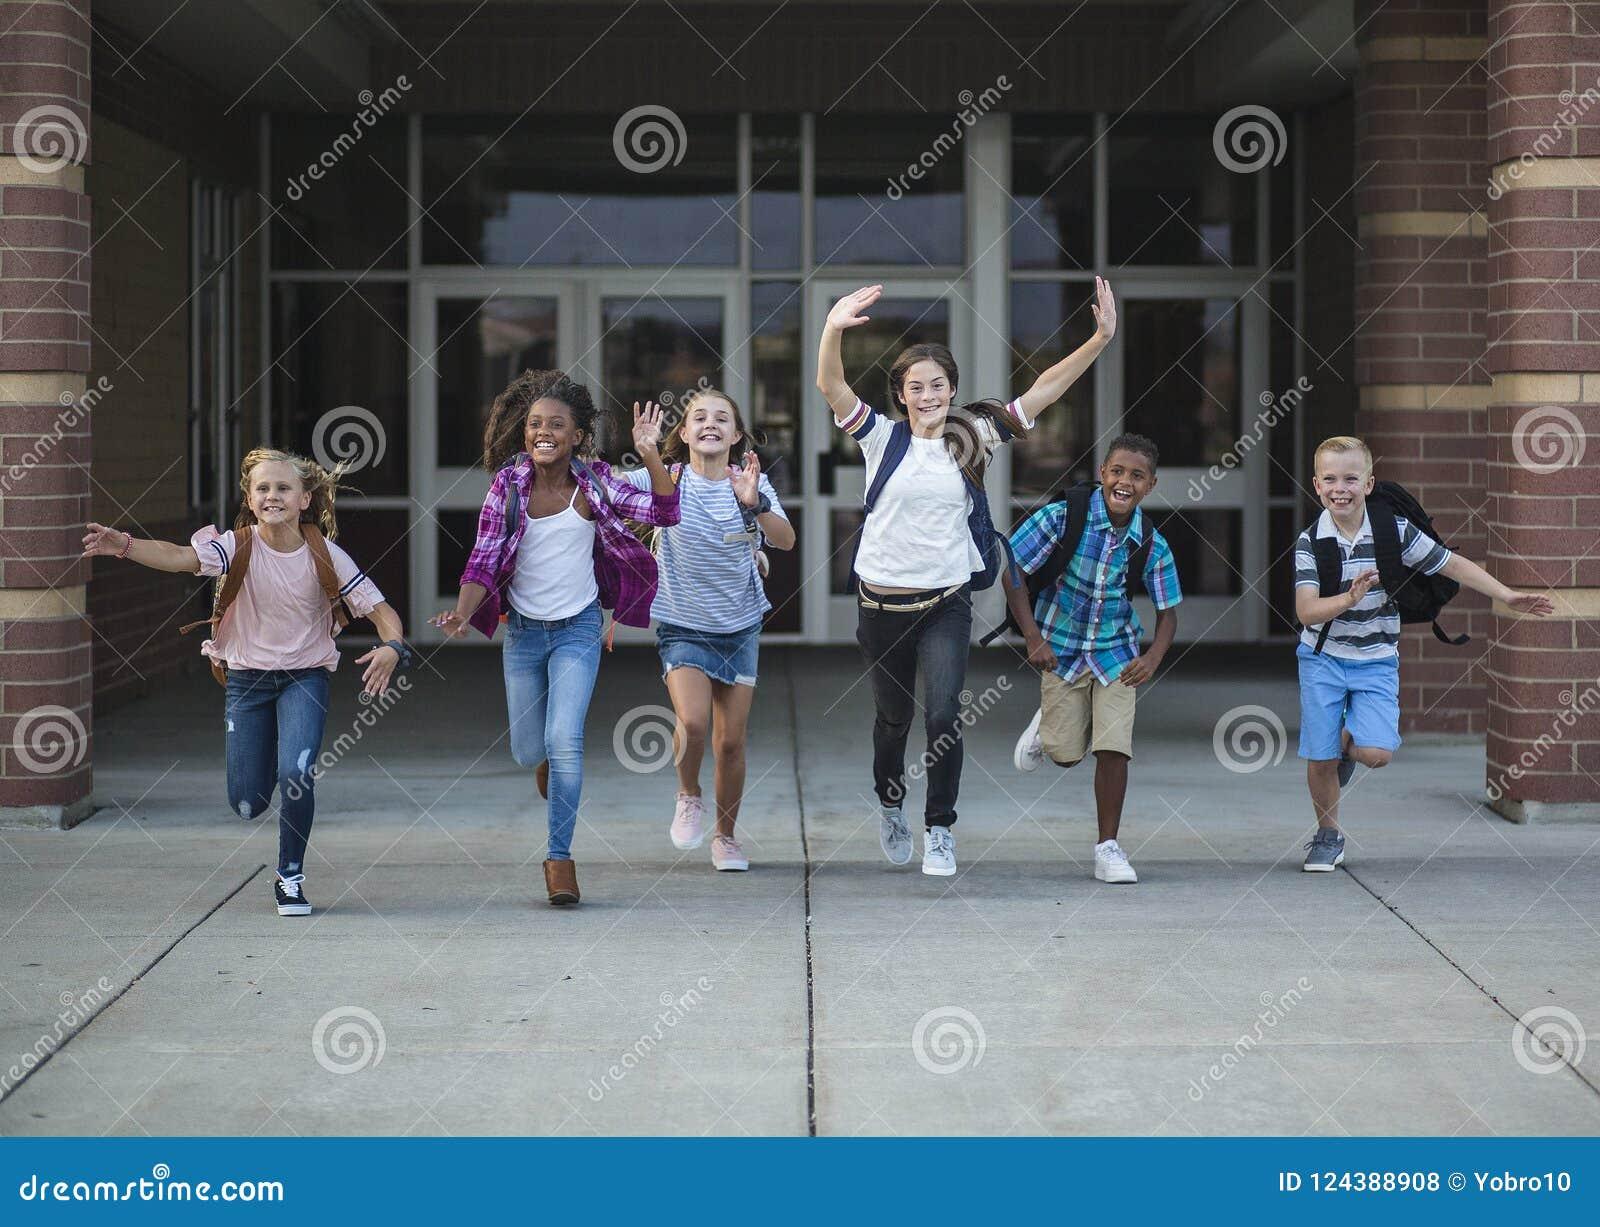 La escuela de la escuela del grupo embroma el funcionamiento mientras que salen de la construcción de escuelas